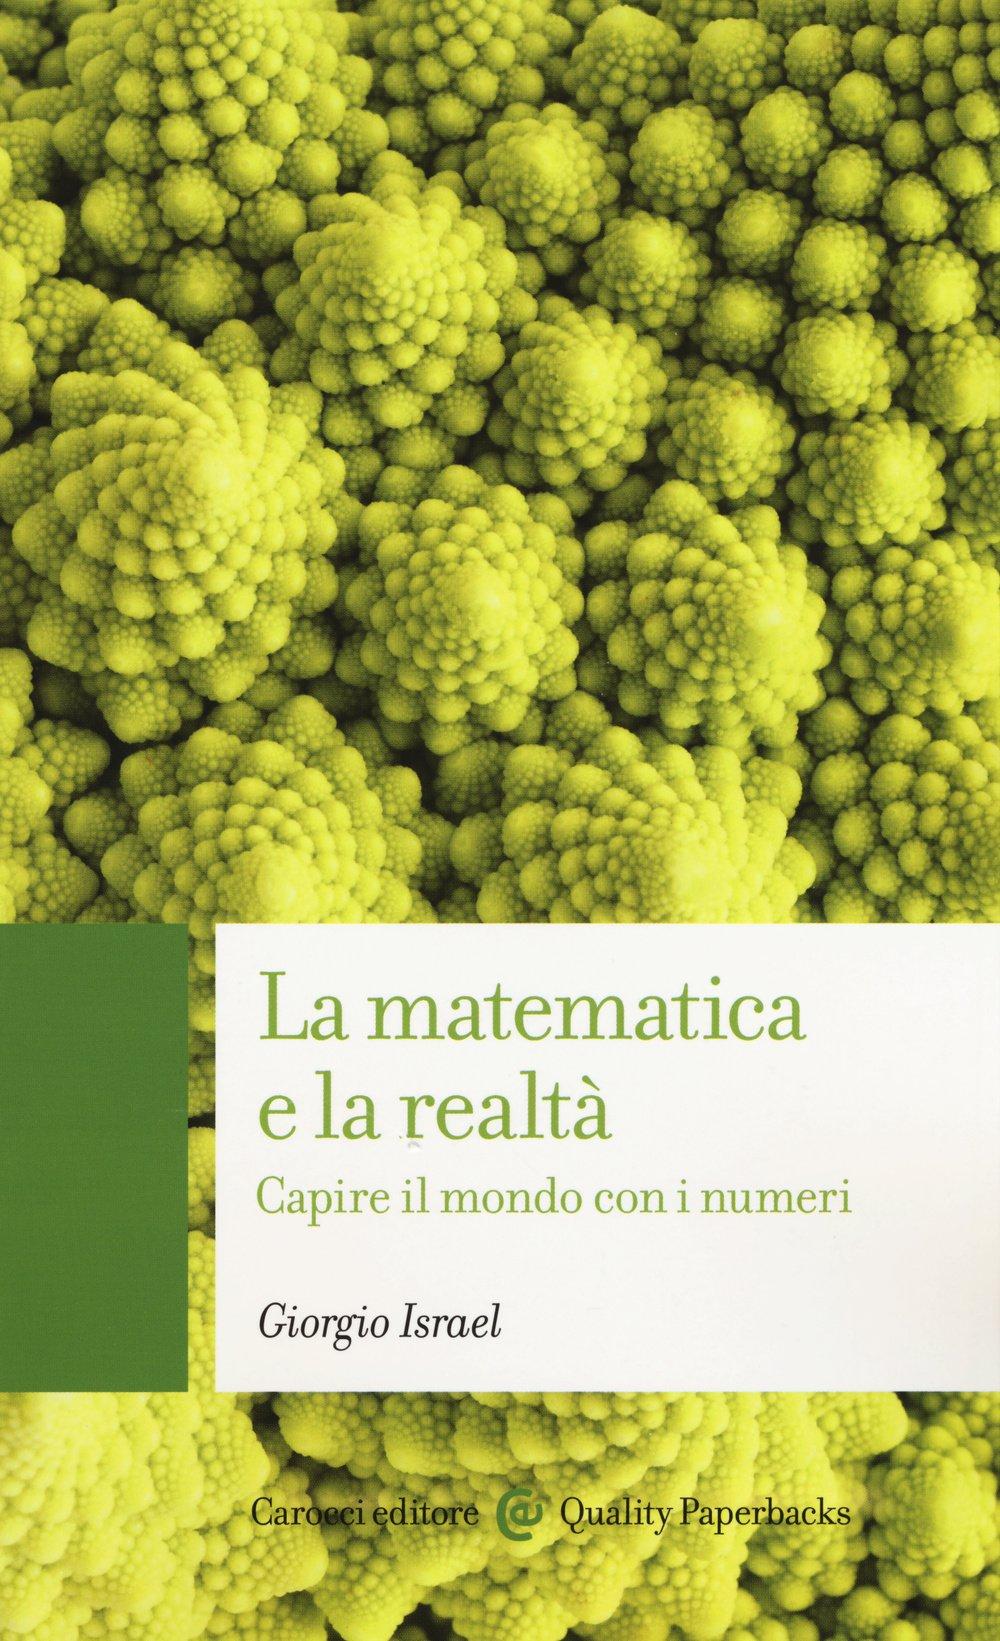 La matematica e la realtà